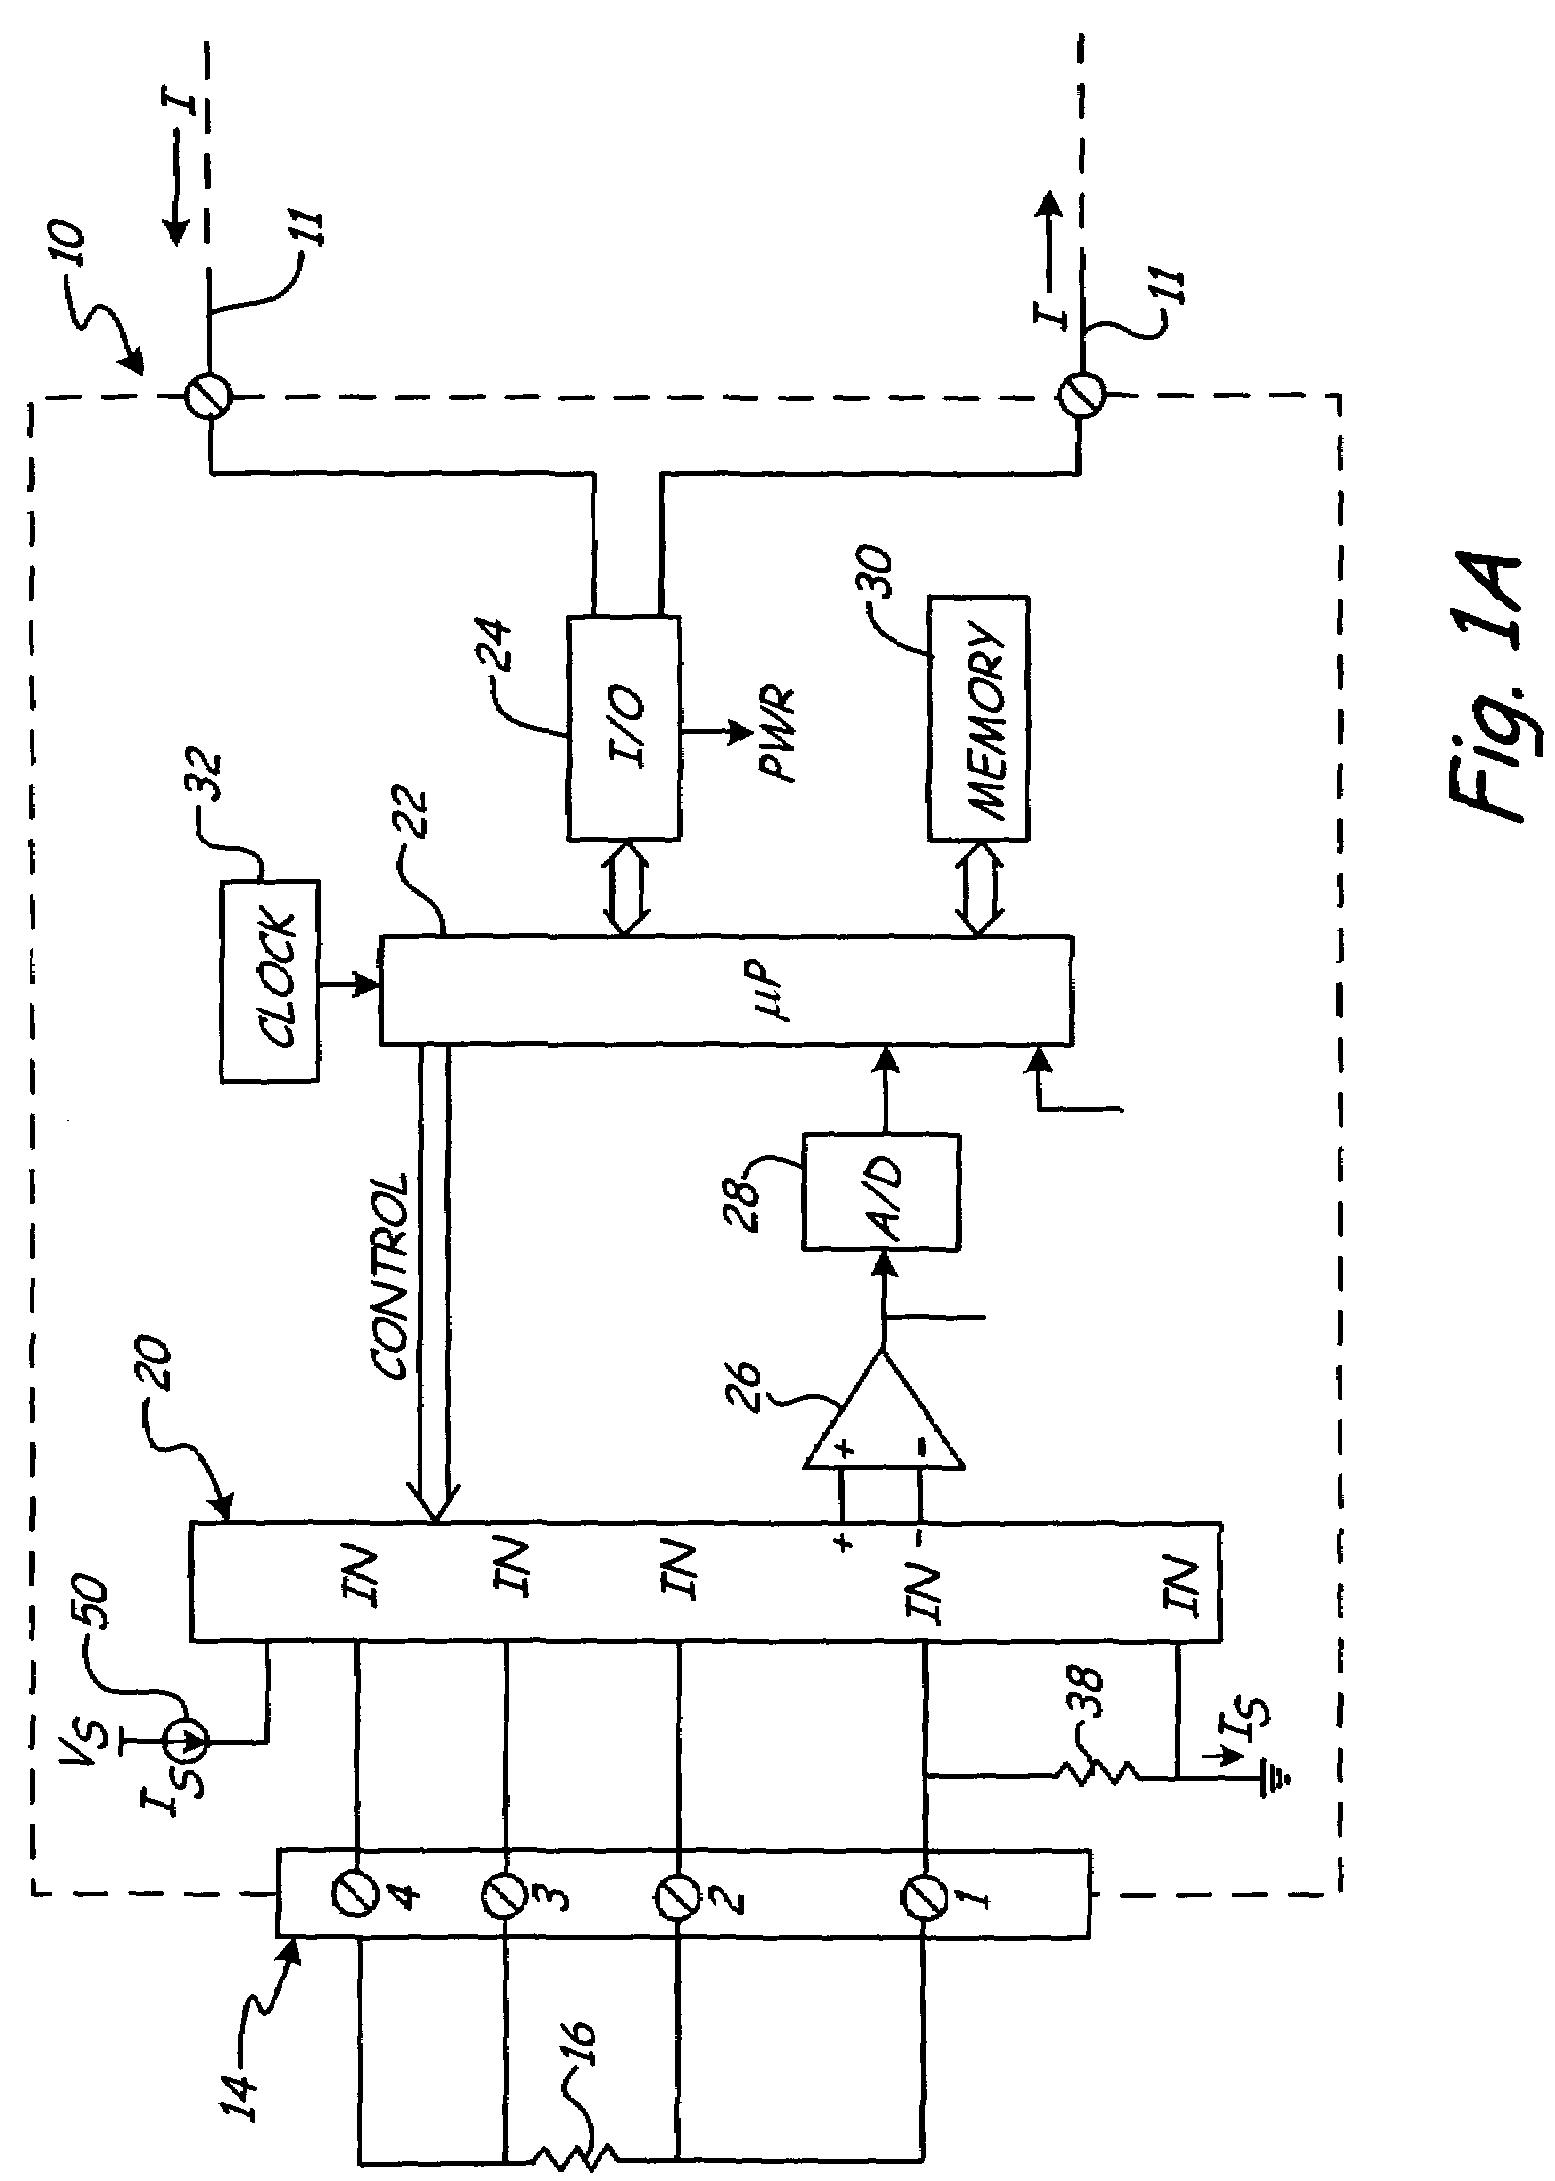 Stt Rtd Wiring Diagram